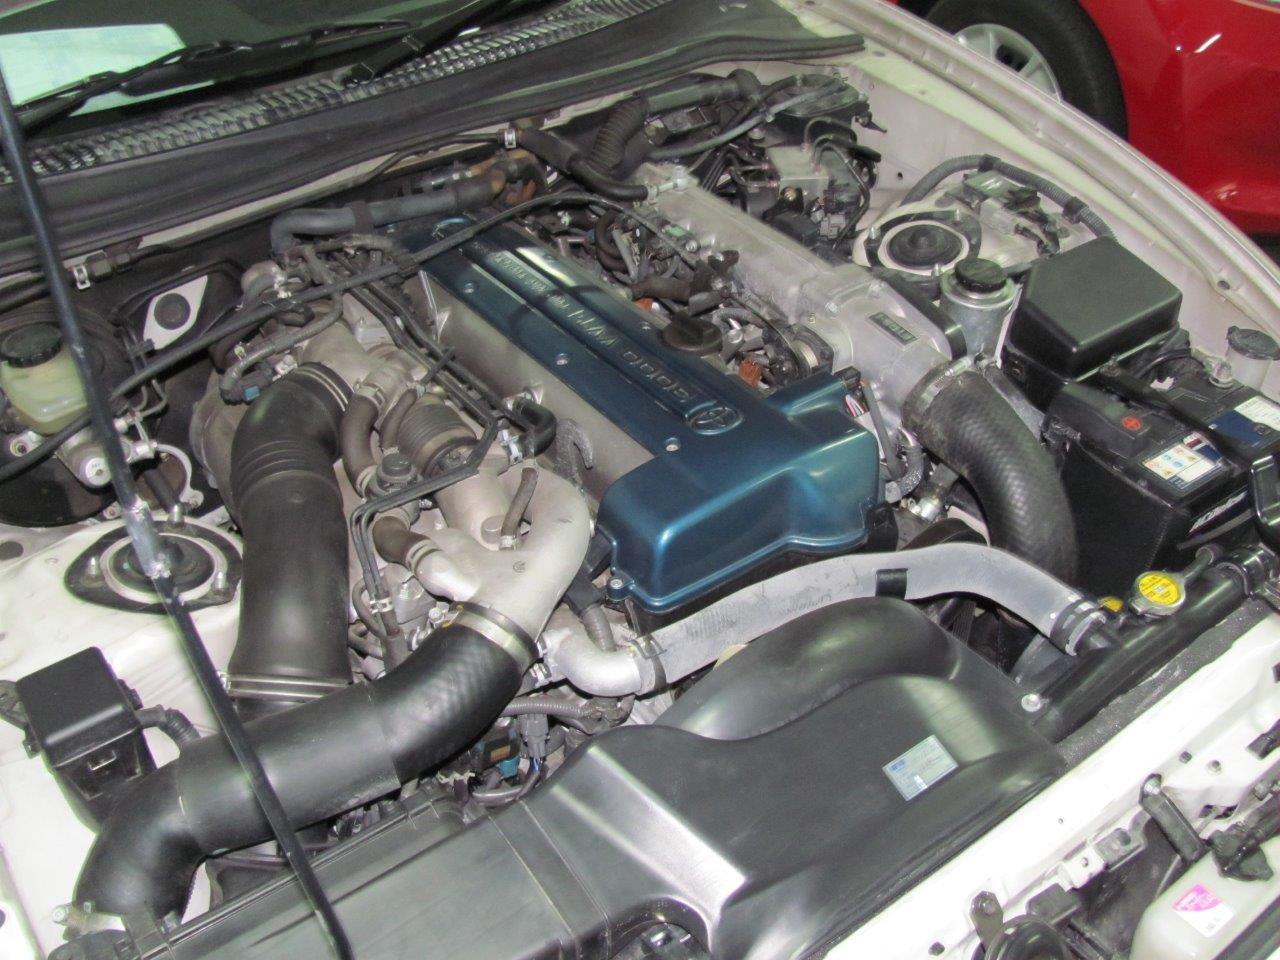 2001 Toyota Supra RZ-S 3L twin turbo VVTi engine